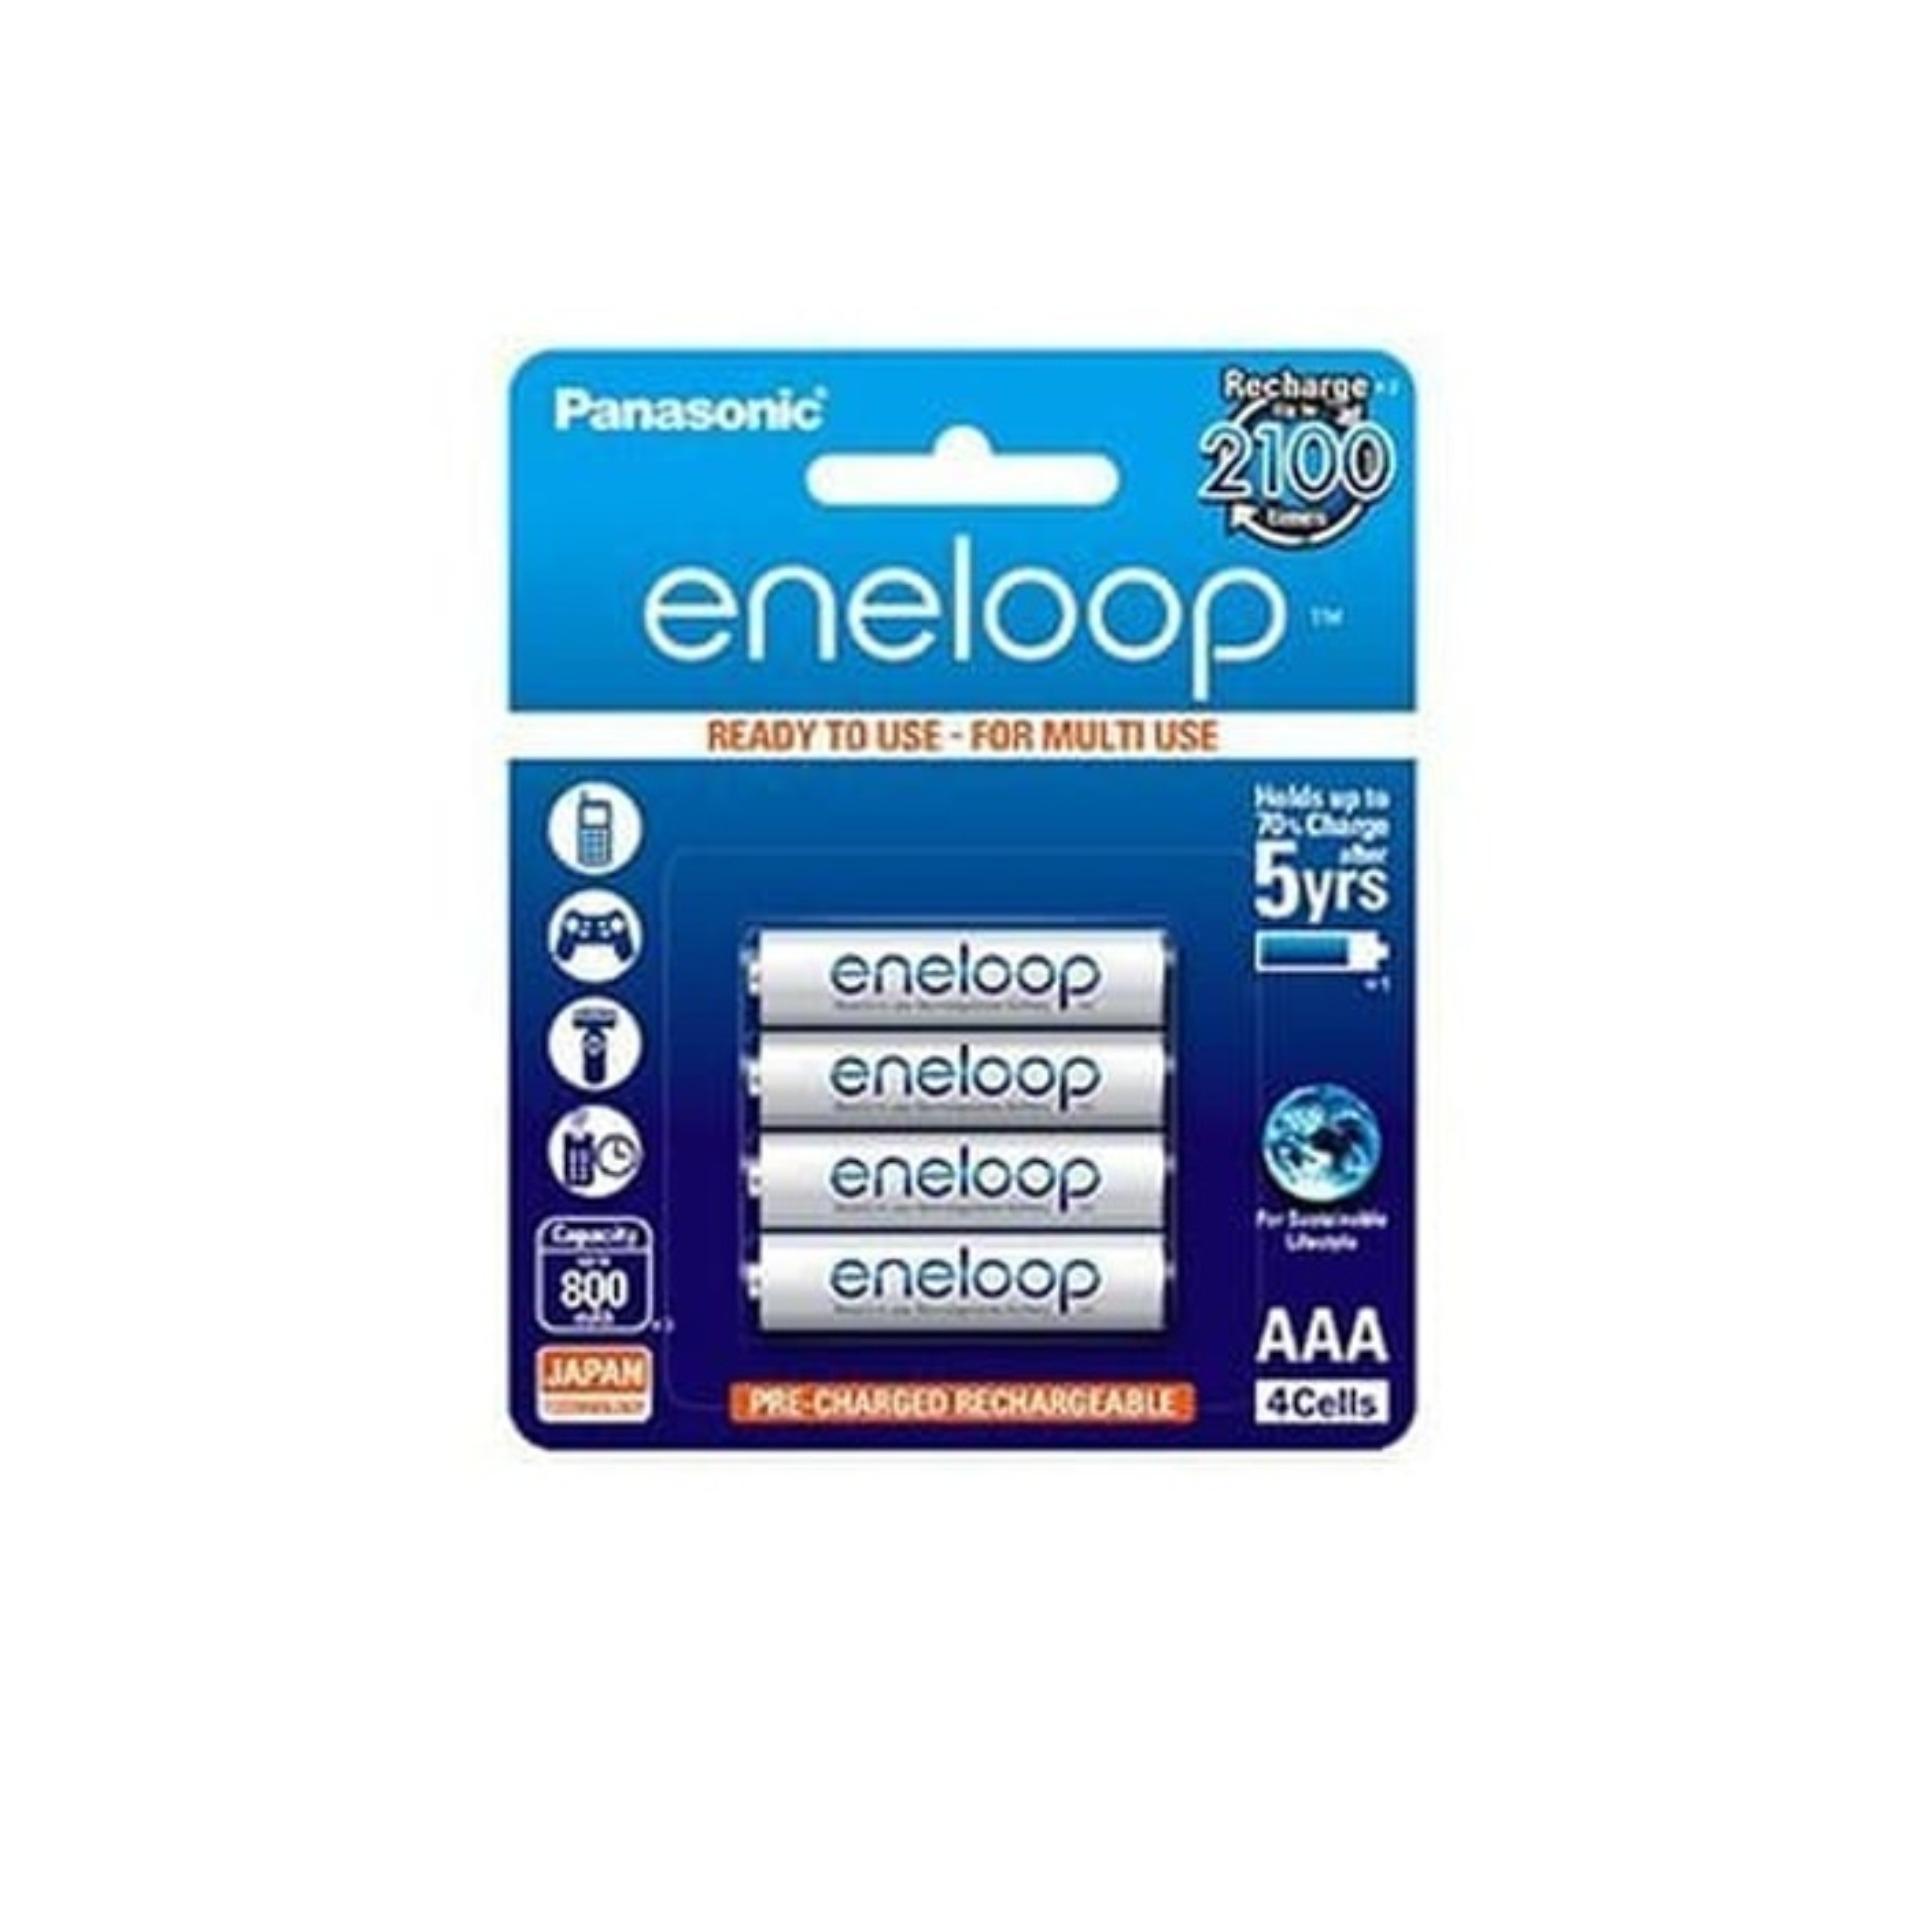 Sanyo Eneloop Battery AAA 4pcs